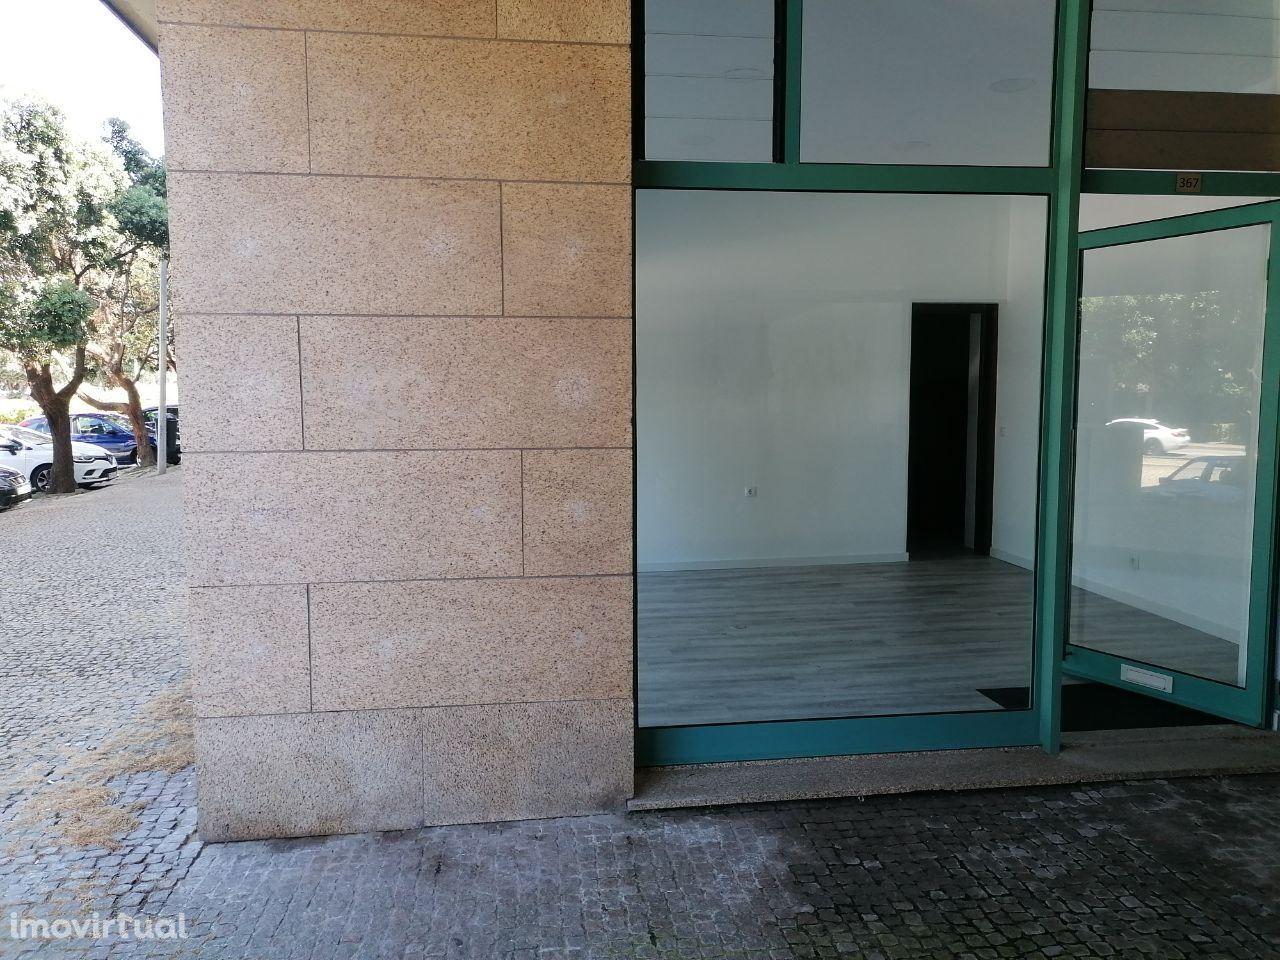 AP-Loja com wc, perto do Paço da Boa Nova. Leça da Palmeira